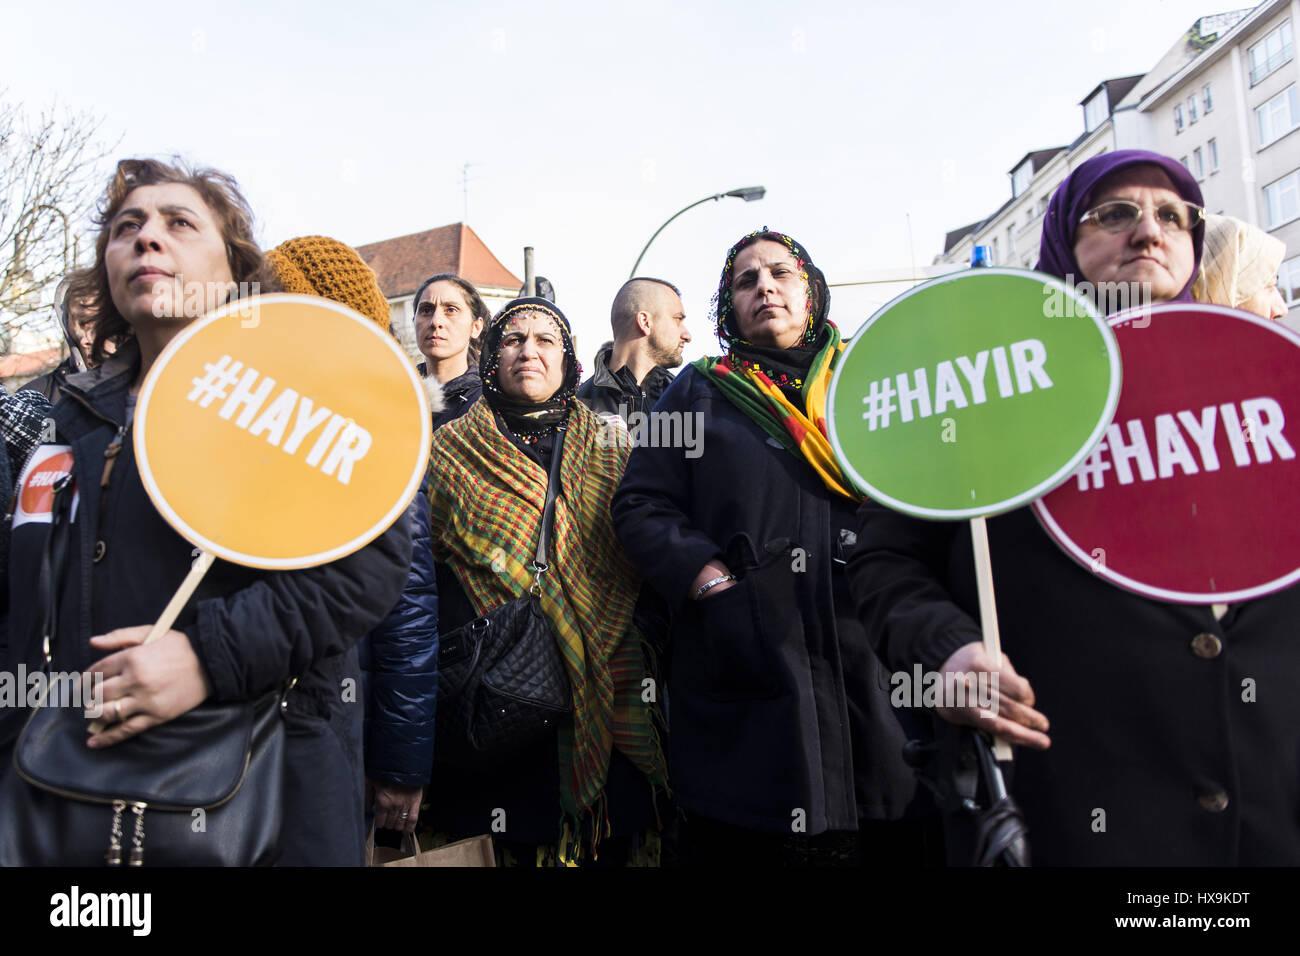 Berlino, Germania. 25 Mar, 2017. Gli avversari di Recep Tayyip Erdogan, Presidente della Turchia, tenendo cartelli con la scritta '#Hayir'. Diverse centinaia di persone nel rally Berlin Neukoelln e Kreuzberg, i manifestanti damand un no nel referendum costituzionale in Turchia, dove i turchi che vivono in Germania sono ammessi alla votazione. Credito: Jan Scheunert/ZUMA filo/Alamy Live News Foto Stock